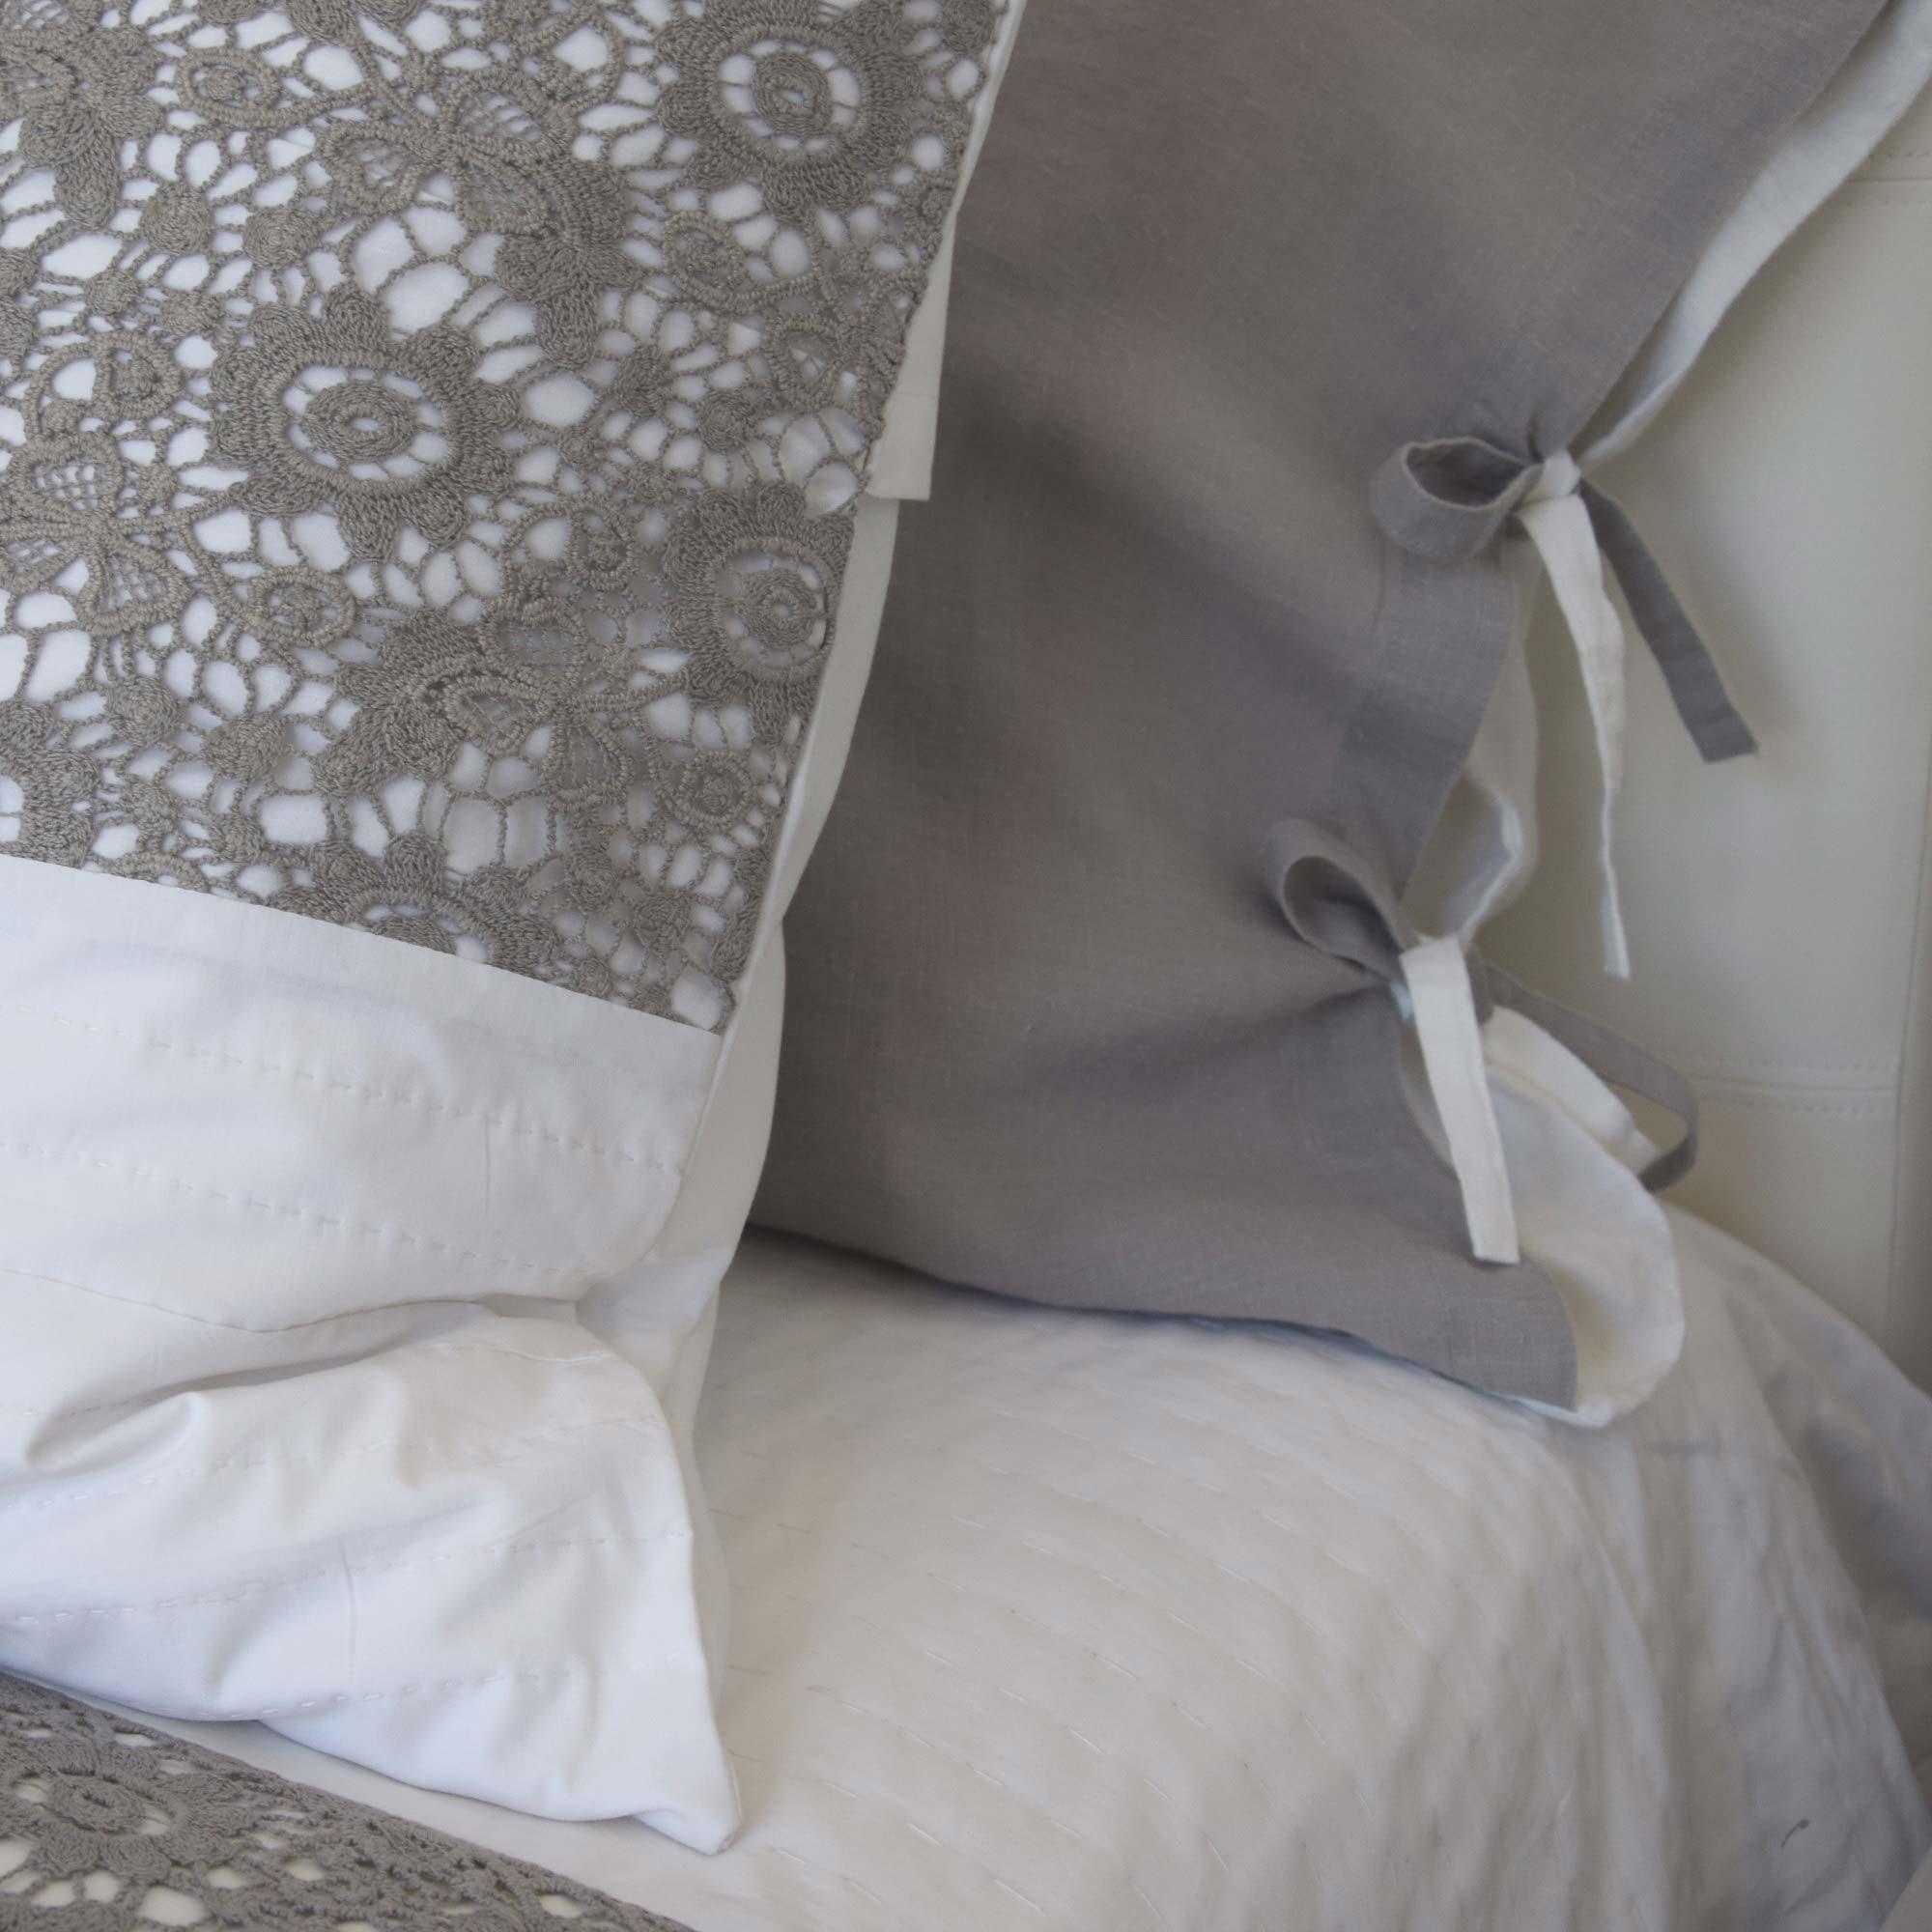 dessus de lit nantes coton blanc et dentelle grise maison d 39 t. Black Bedroom Furniture Sets. Home Design Ideas